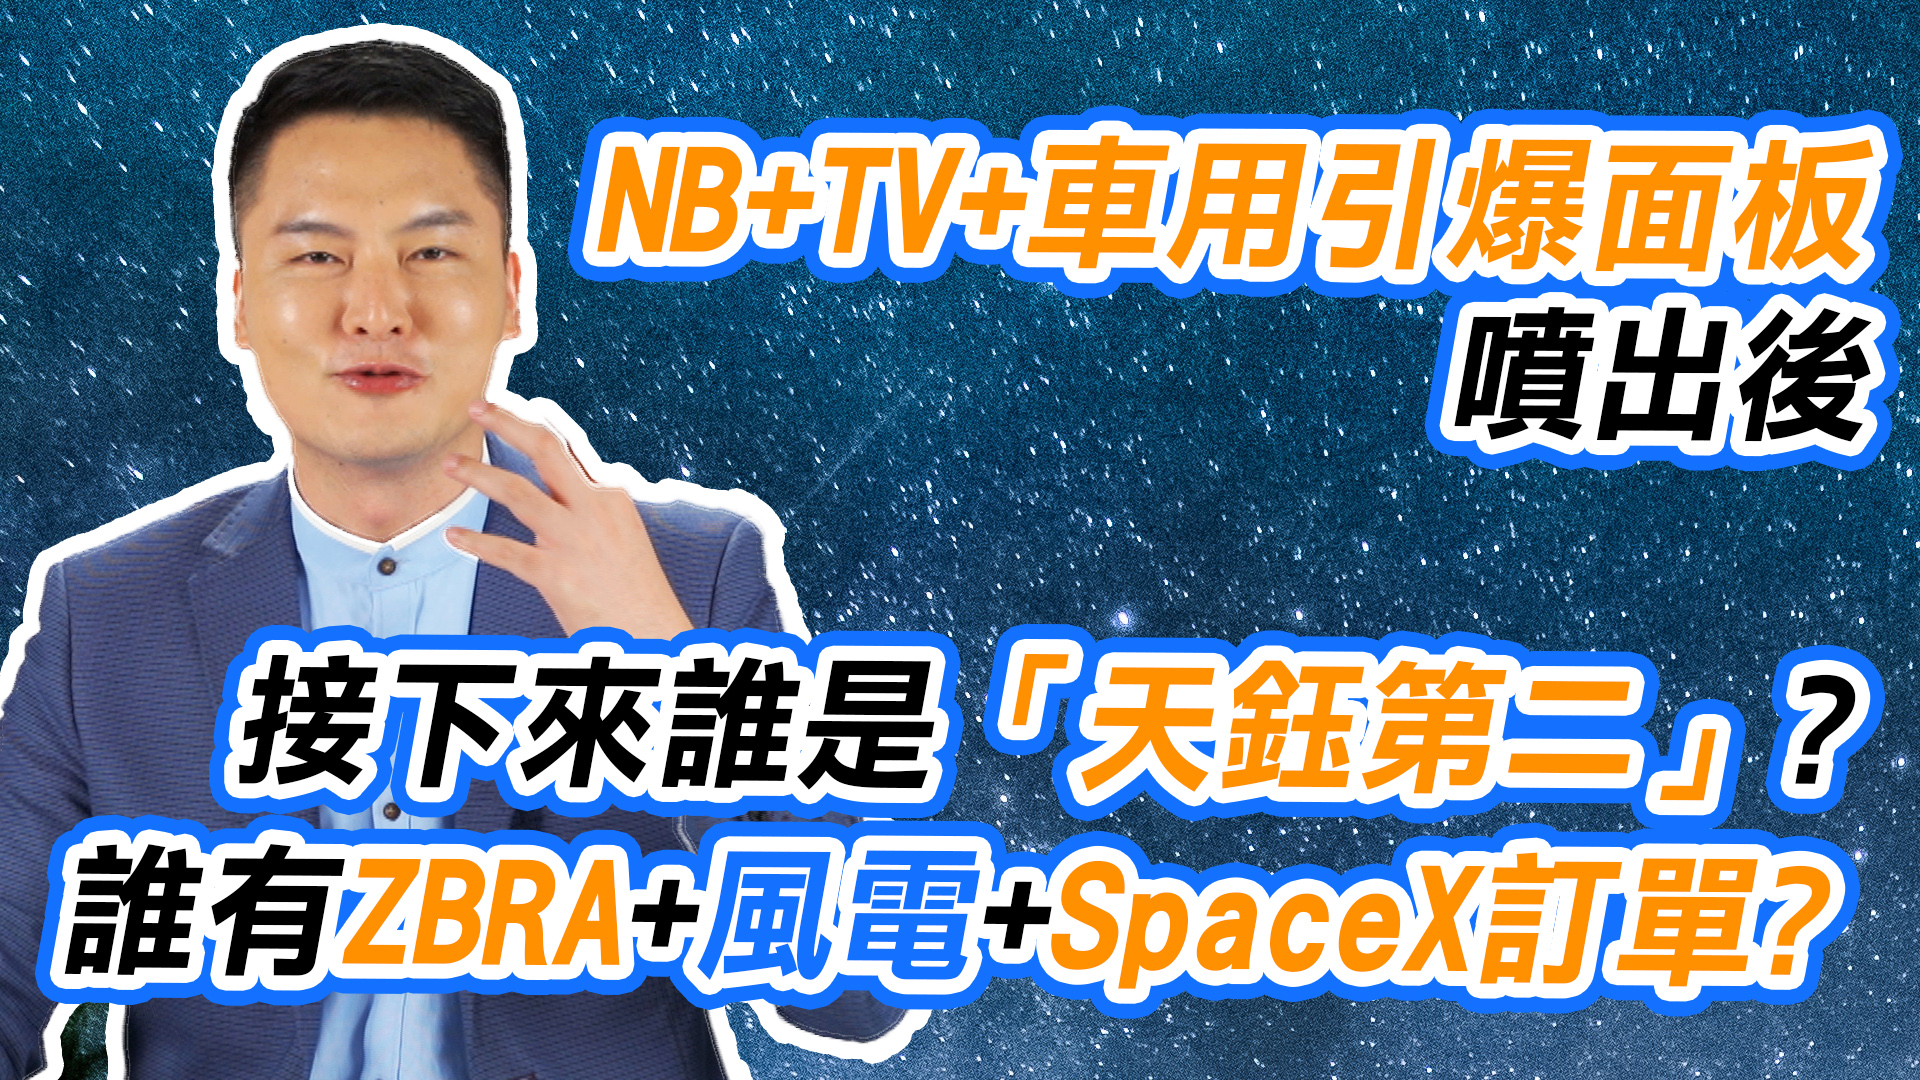 誰有ZBRA+風電+SpaceX訂單?NB+TV+車用引爆面板噴出後會「天鈺第二」?【股市映幫幫】